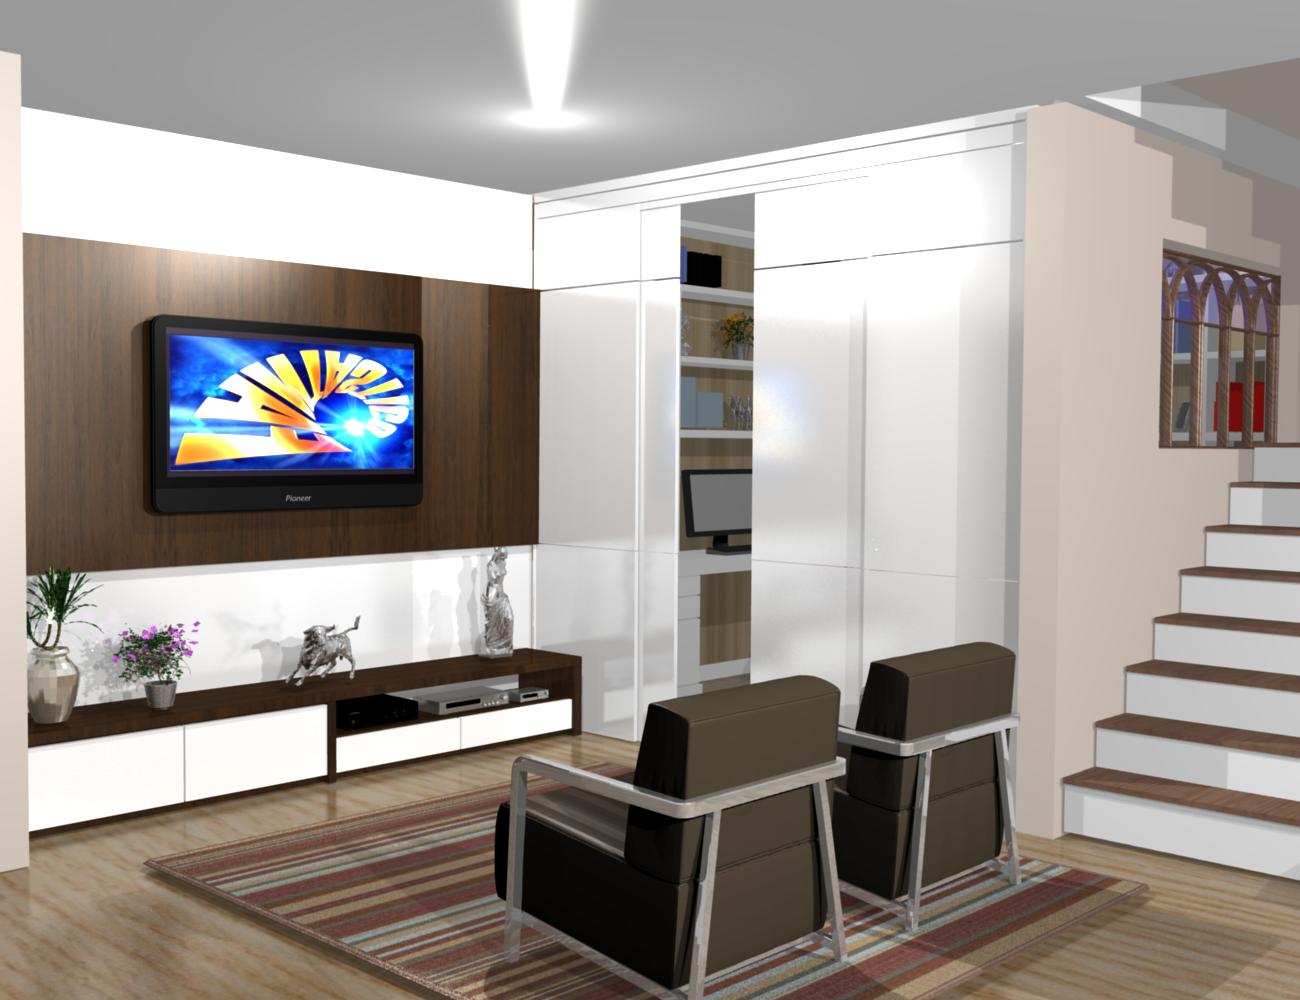 sob medida armários cozinha banheiro decoração painel lcd bar #0751C4 1300 1000